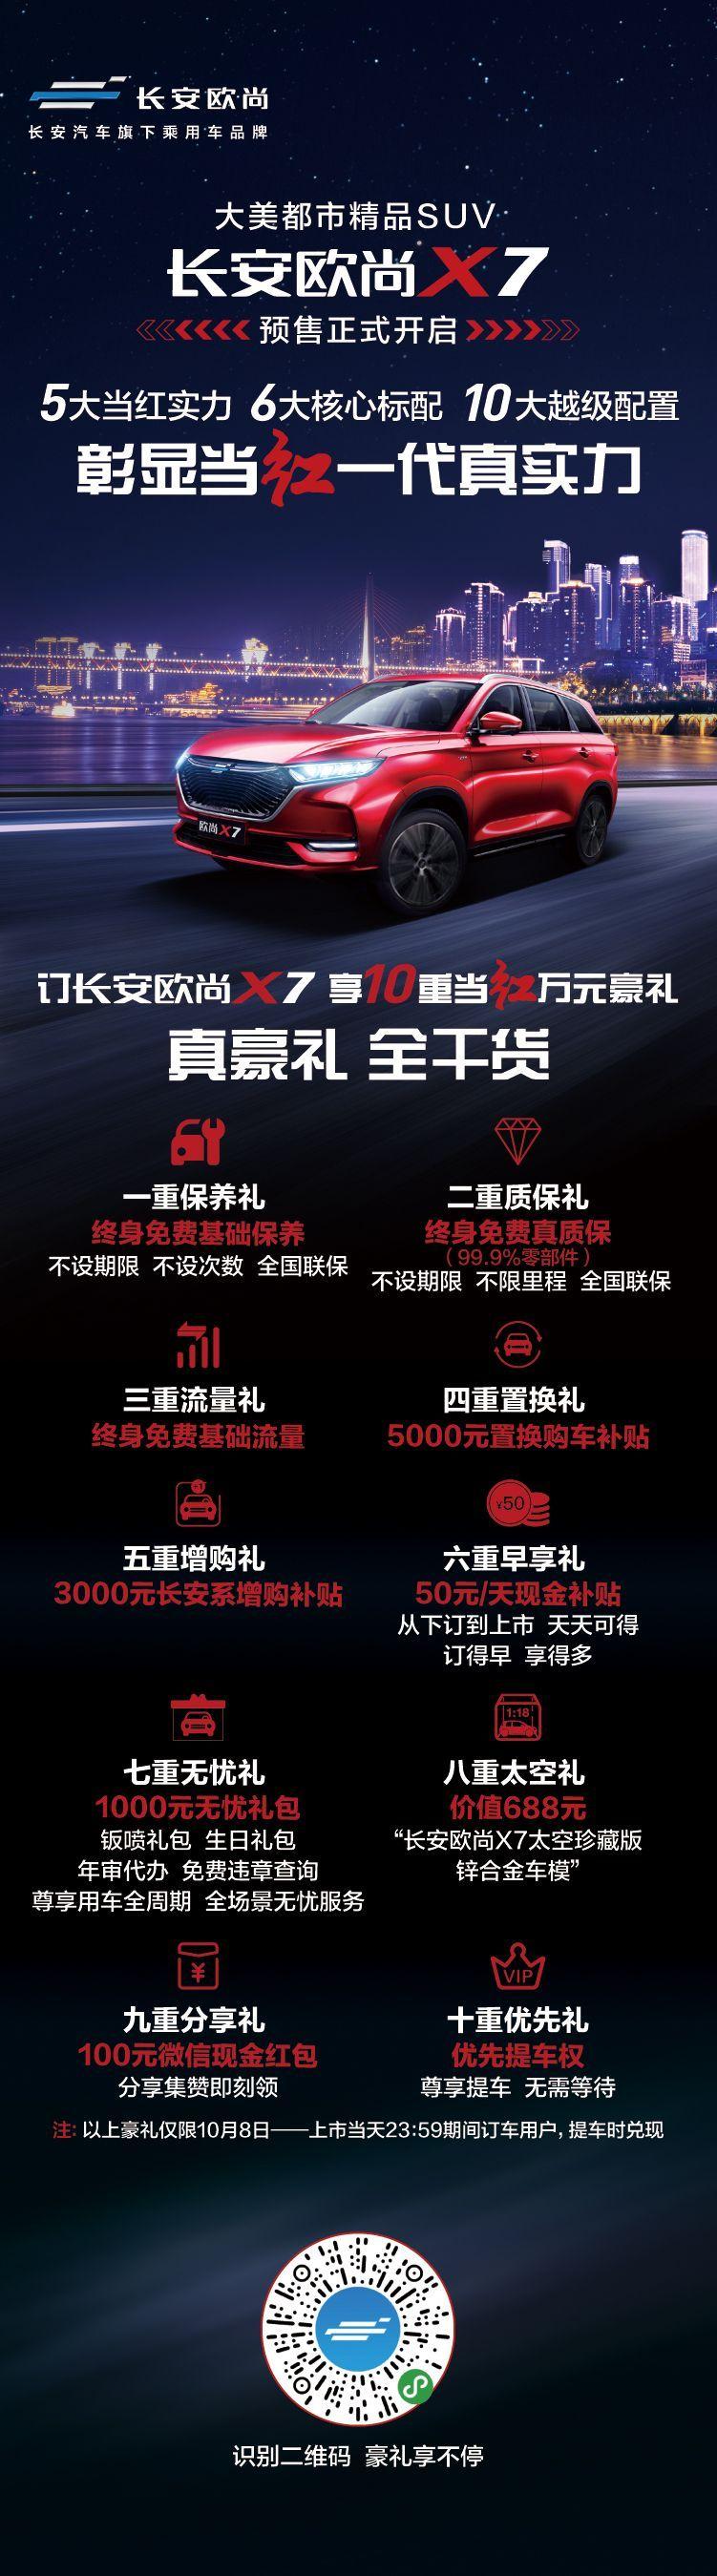 预售期间订车享终身免费基础保养及质保 长安欧尚X7发布预售价格